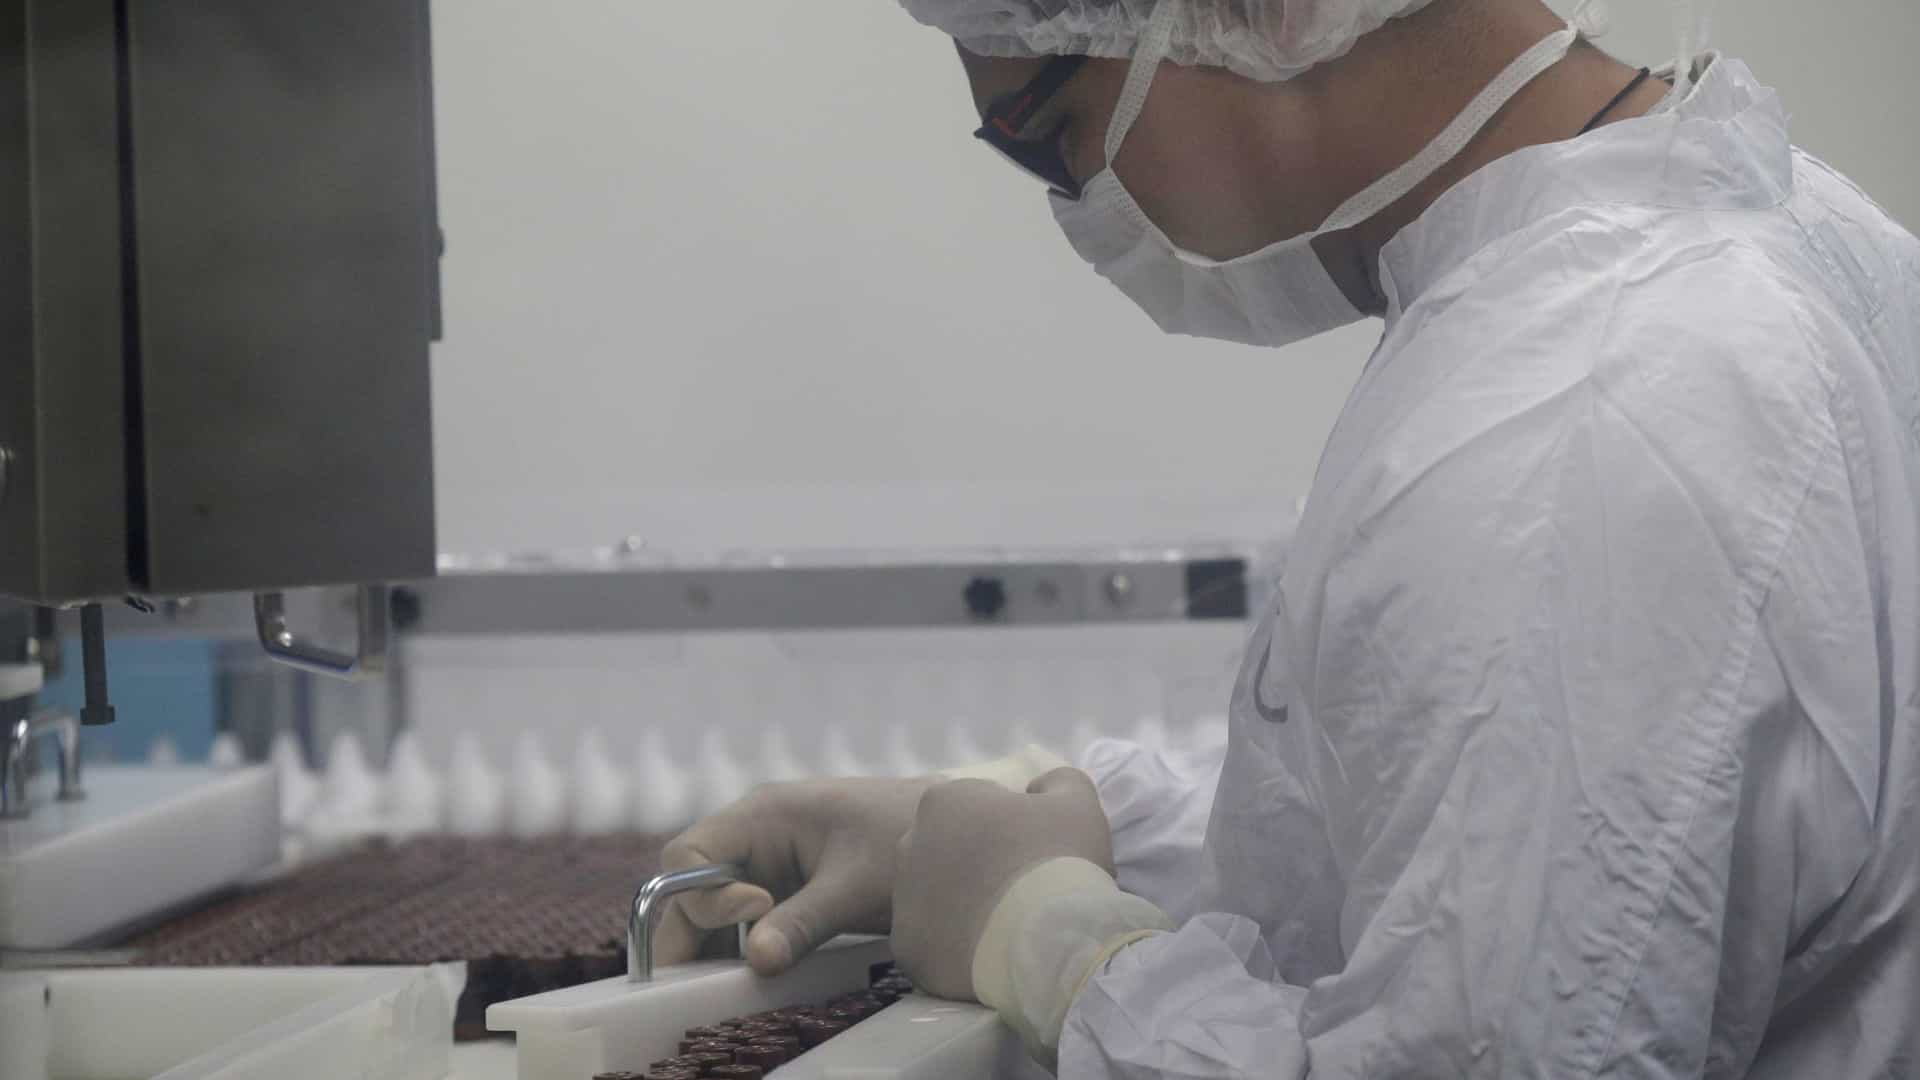 Visitantes a áreas de risco no Brasil devem tomar vacina da febre amarela